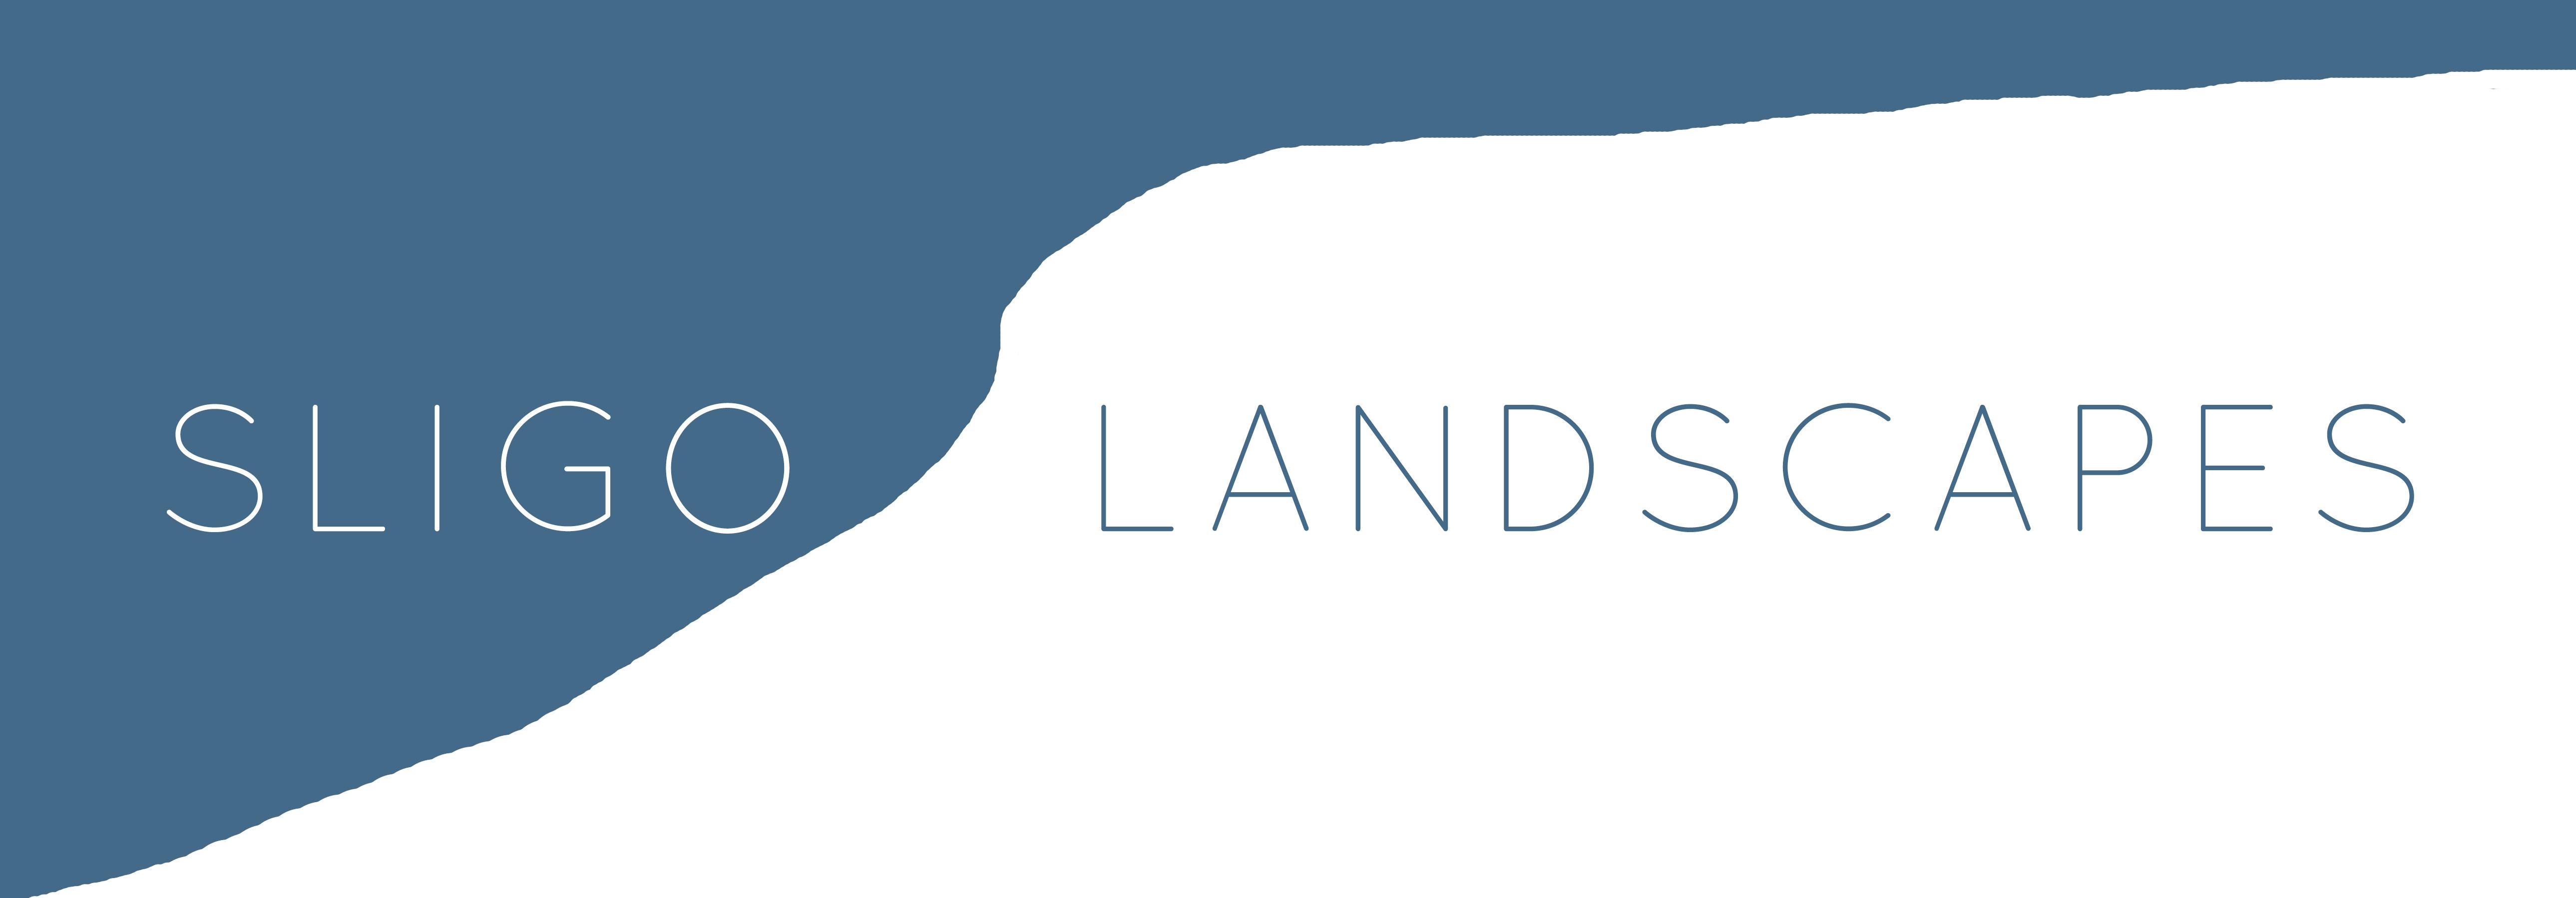 Sligo Landscapes